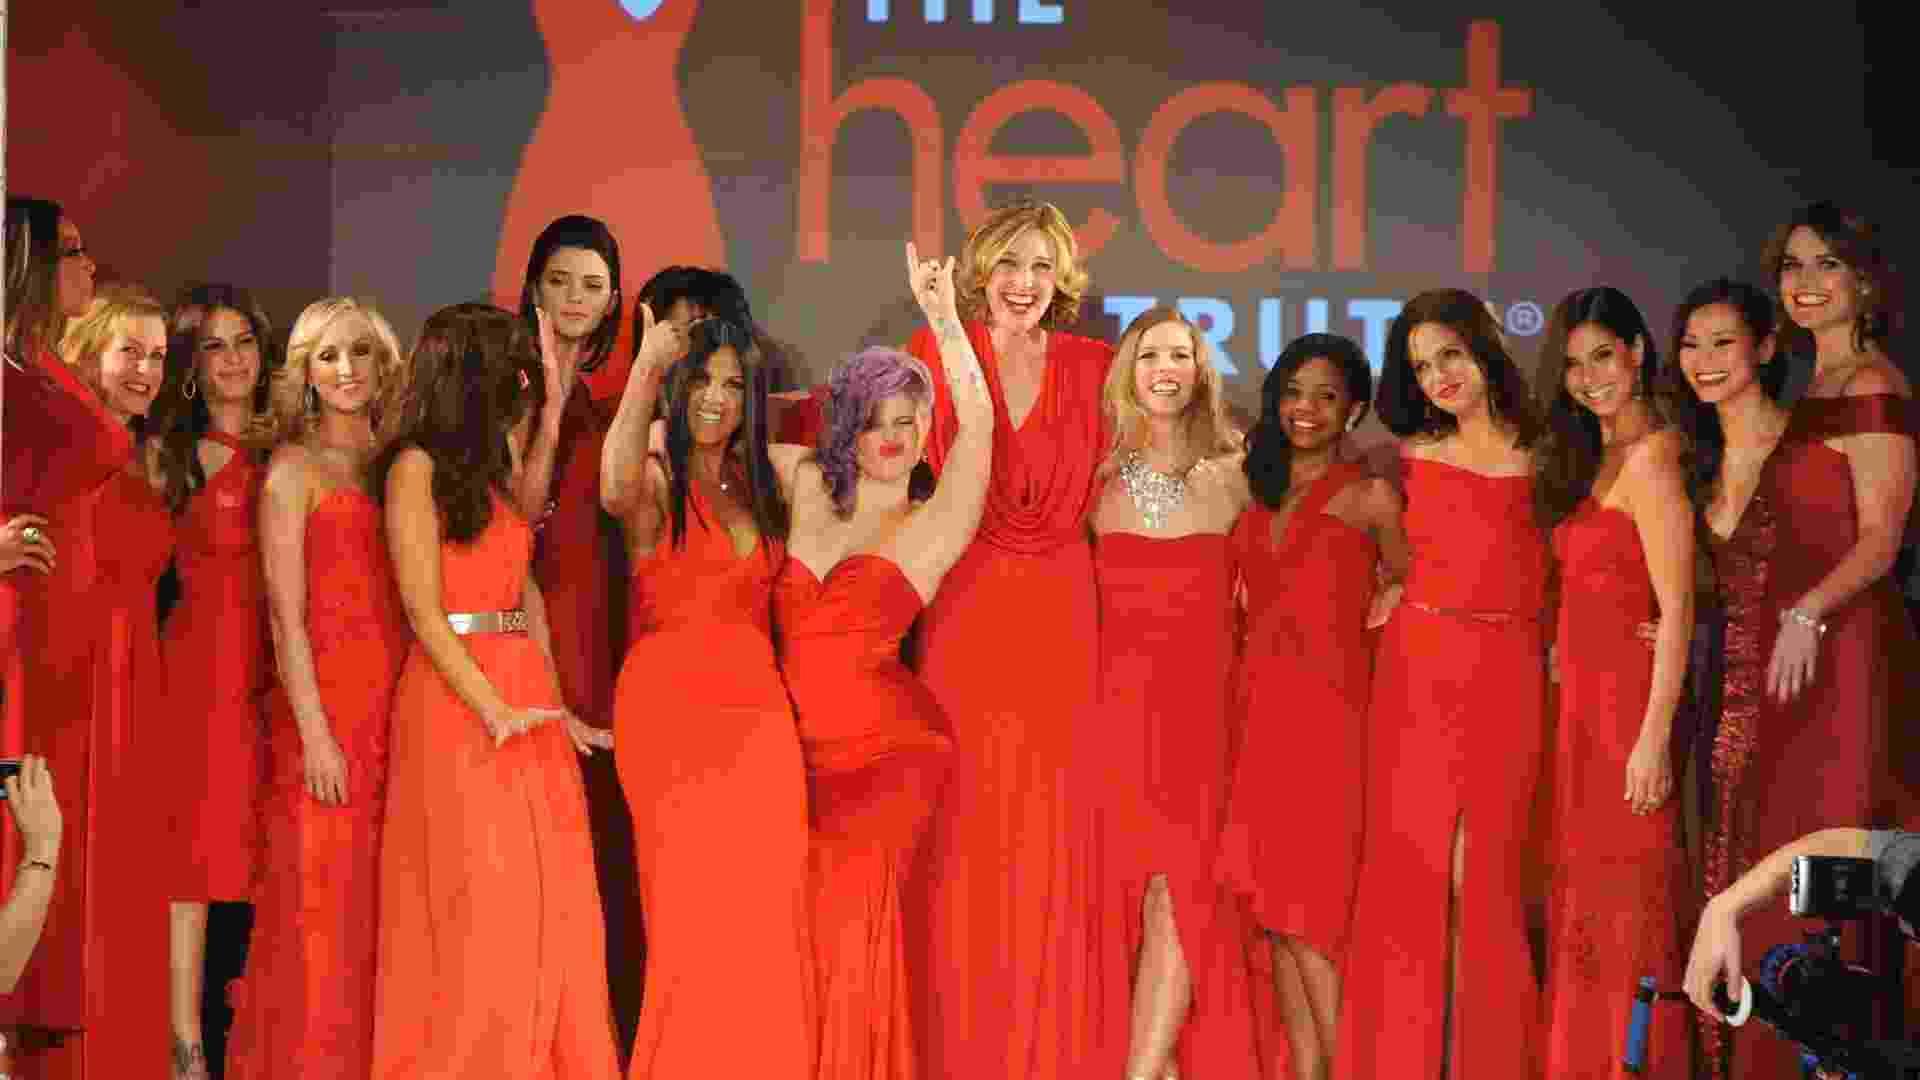 Famosas celebram o fim do desfile beneficente Heart Truth Red Dress Collection antes do início da semana de moda de Nova York (06/02/2013) - Getty Images